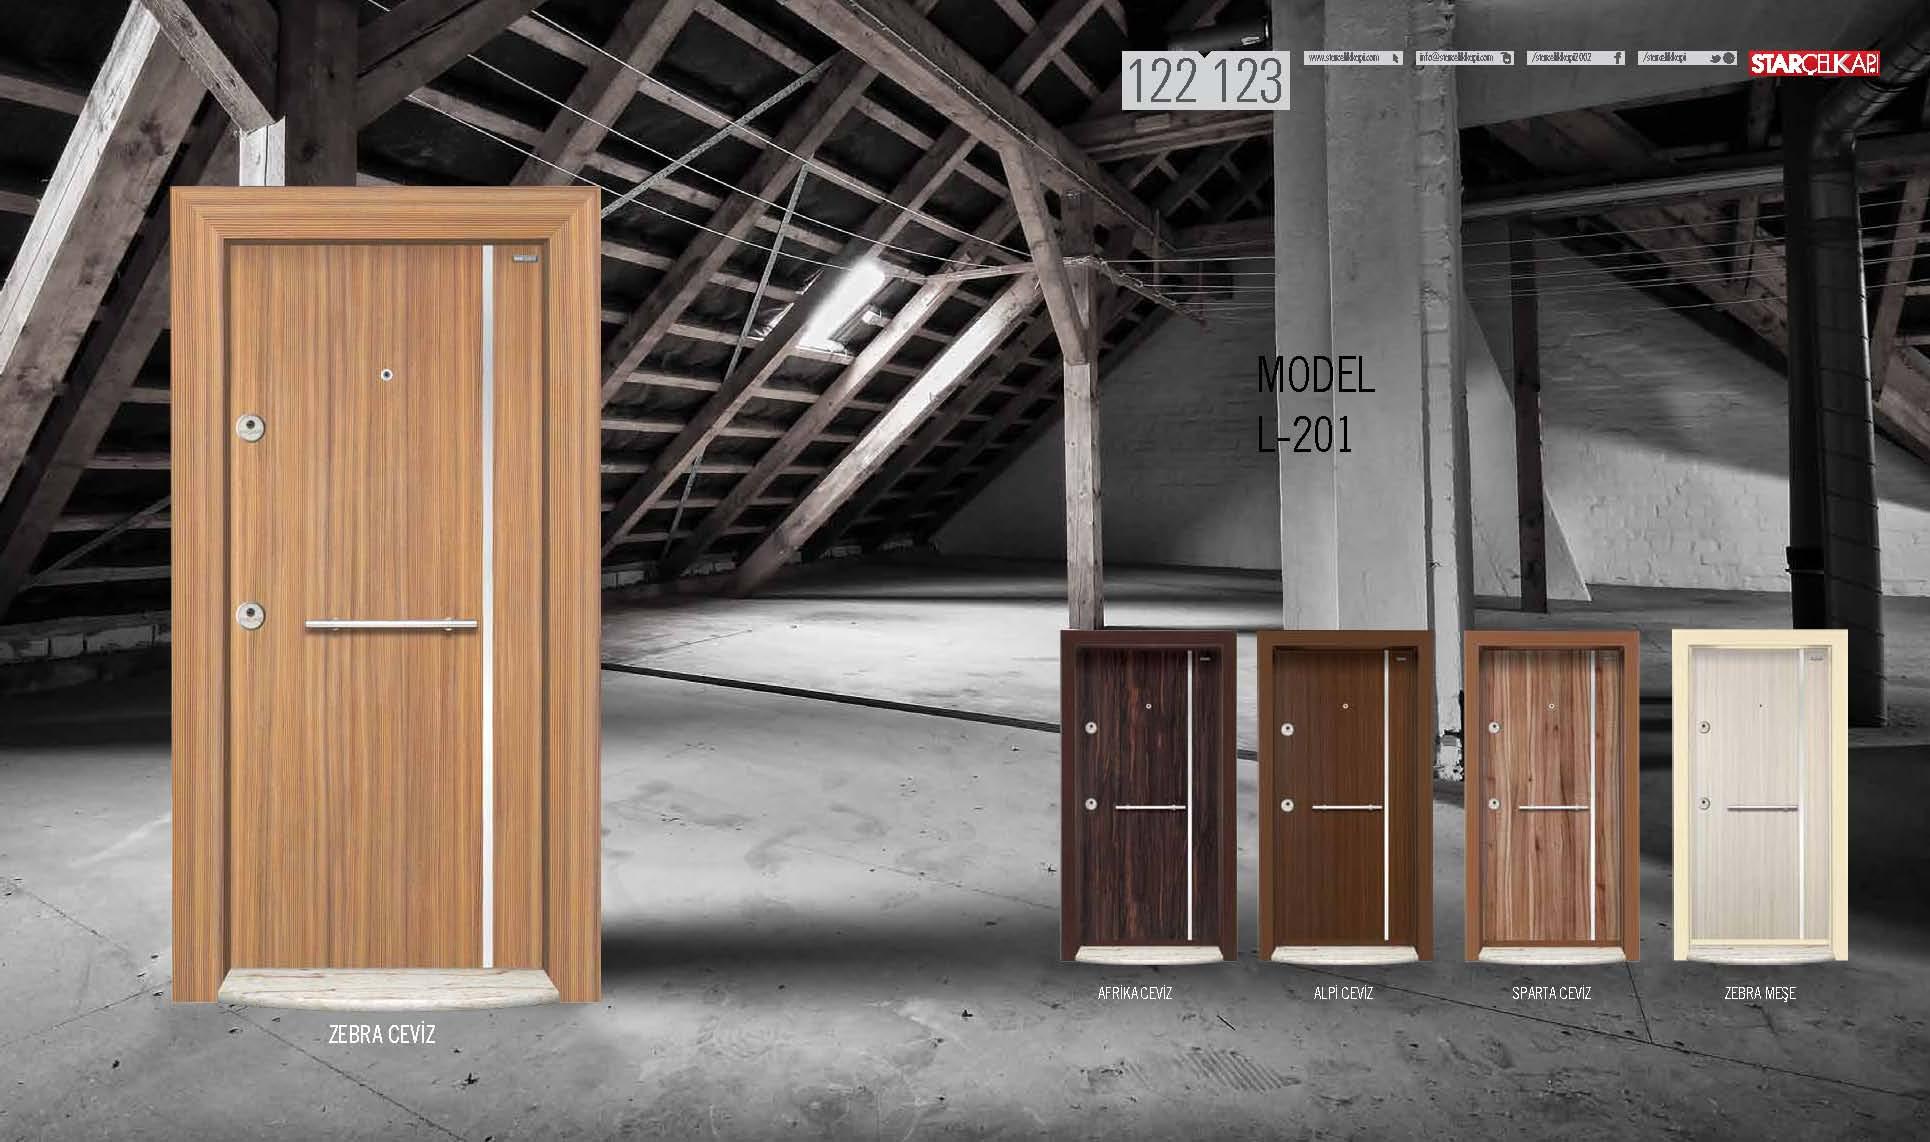 vhodni-vrati-starcelik_page_62